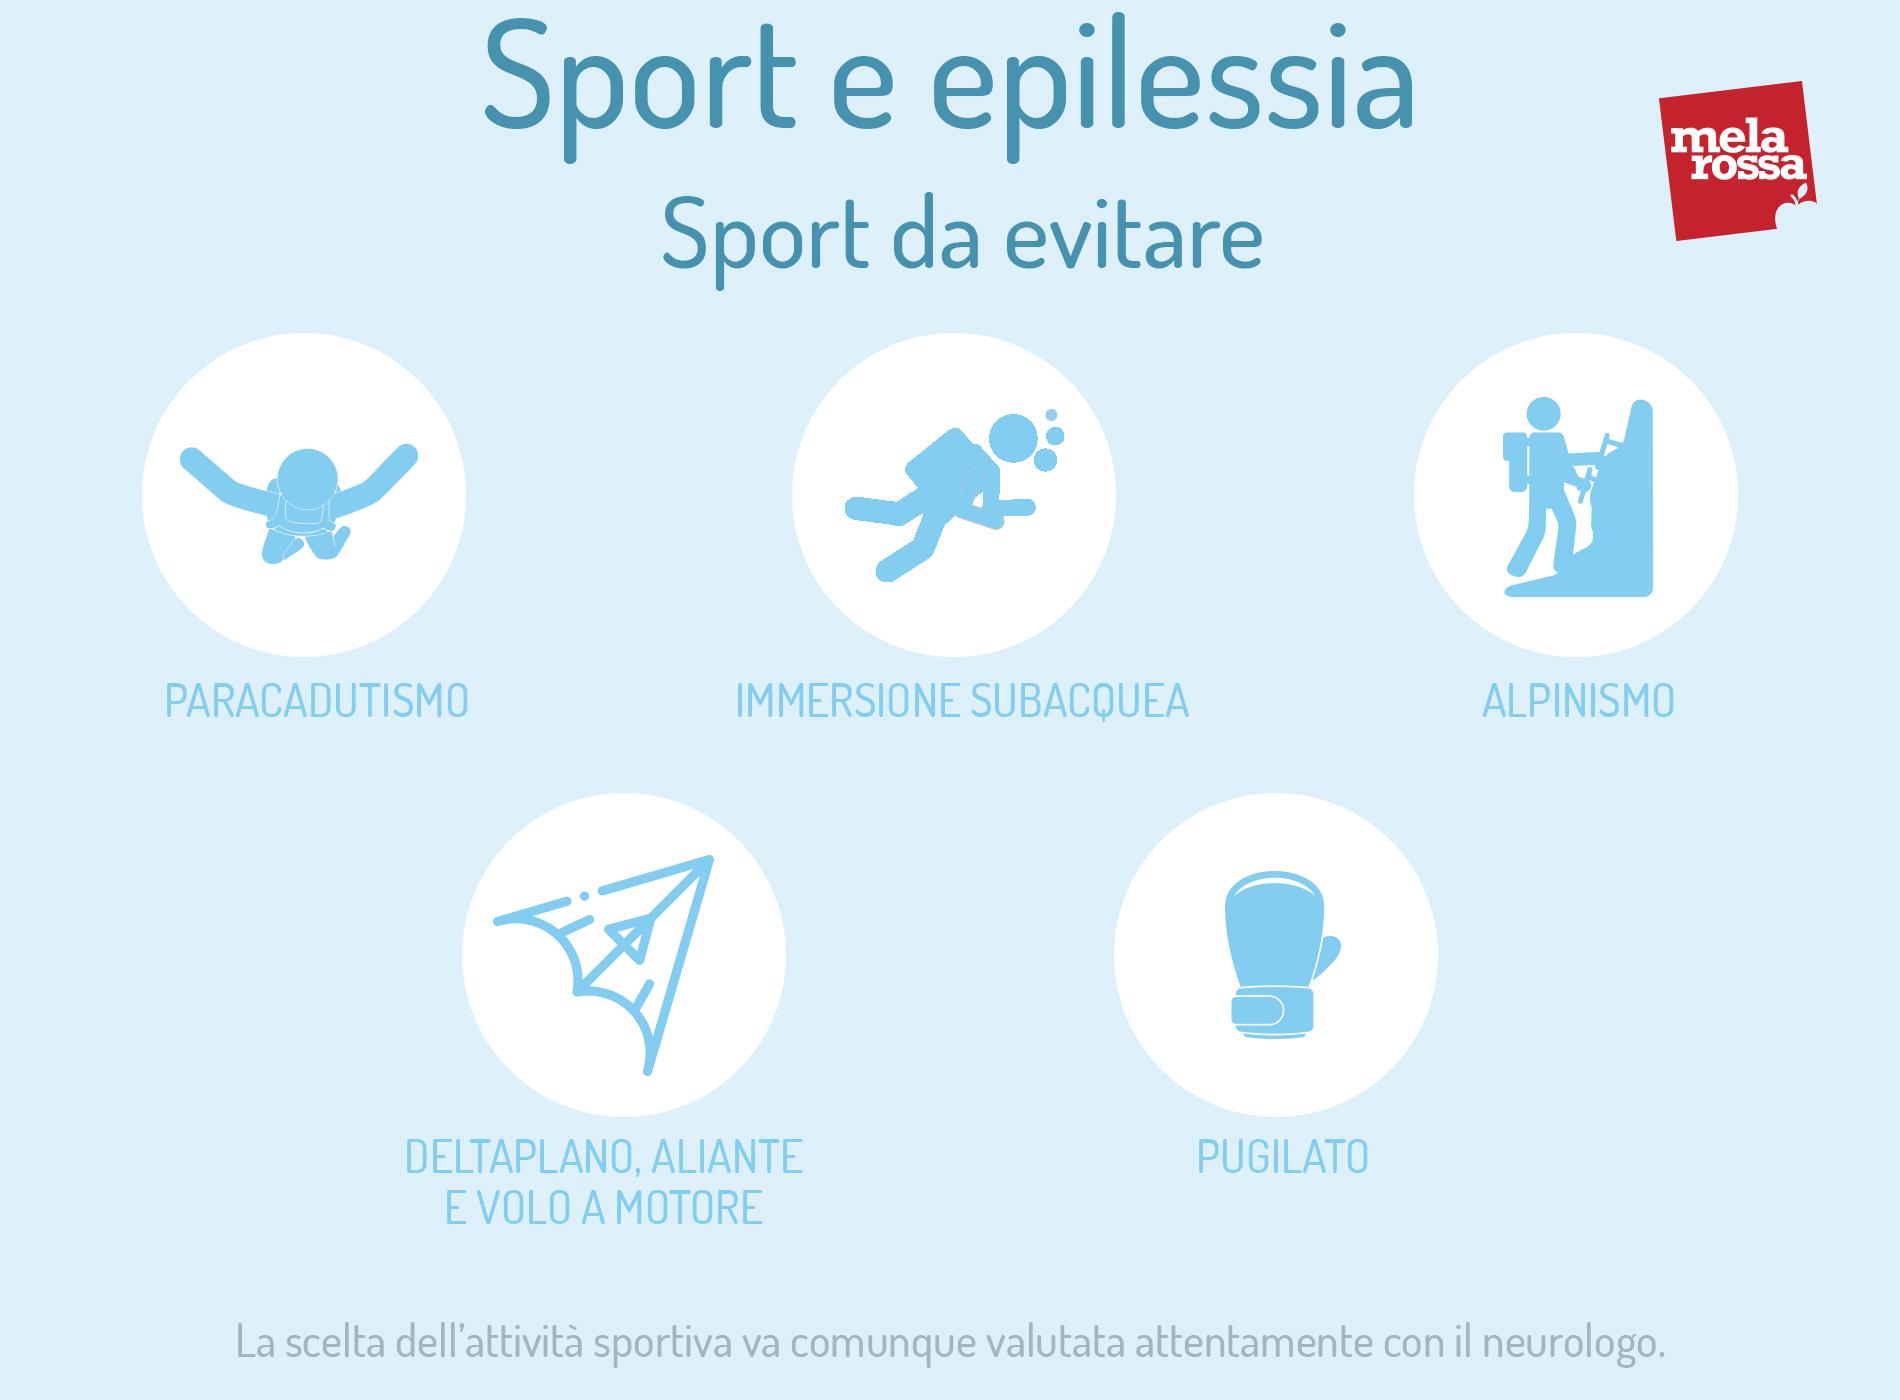 sport e epilessia: sport da evitare